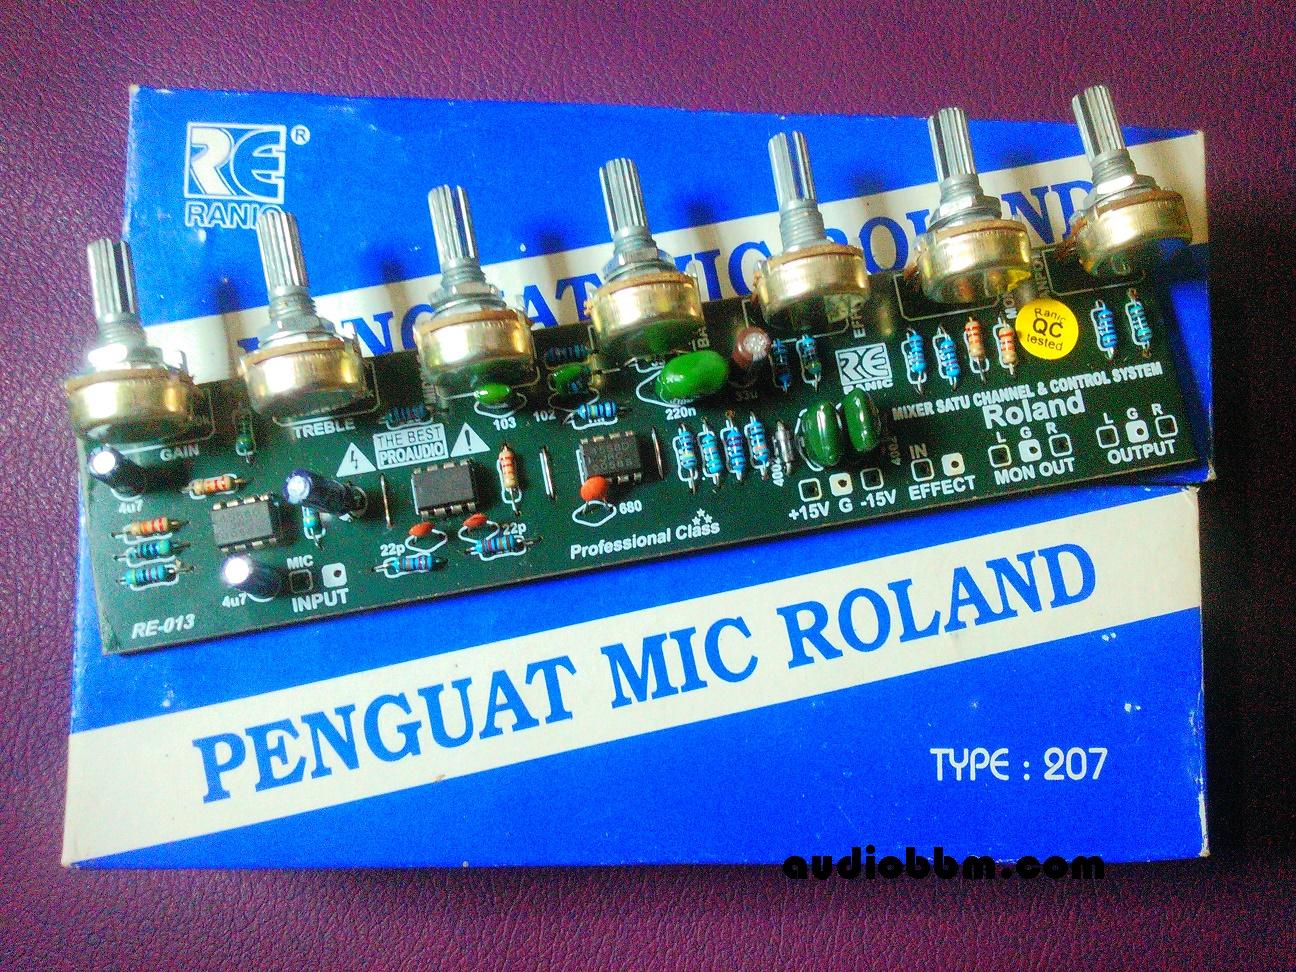 Harga Dan Spesifikasi Cara Menghubungkan Equalizer Ke Amplifier Tasbih Digital Z141 Pre Amp Tone Control Sub Filter Crossover Lets Do It Dengan